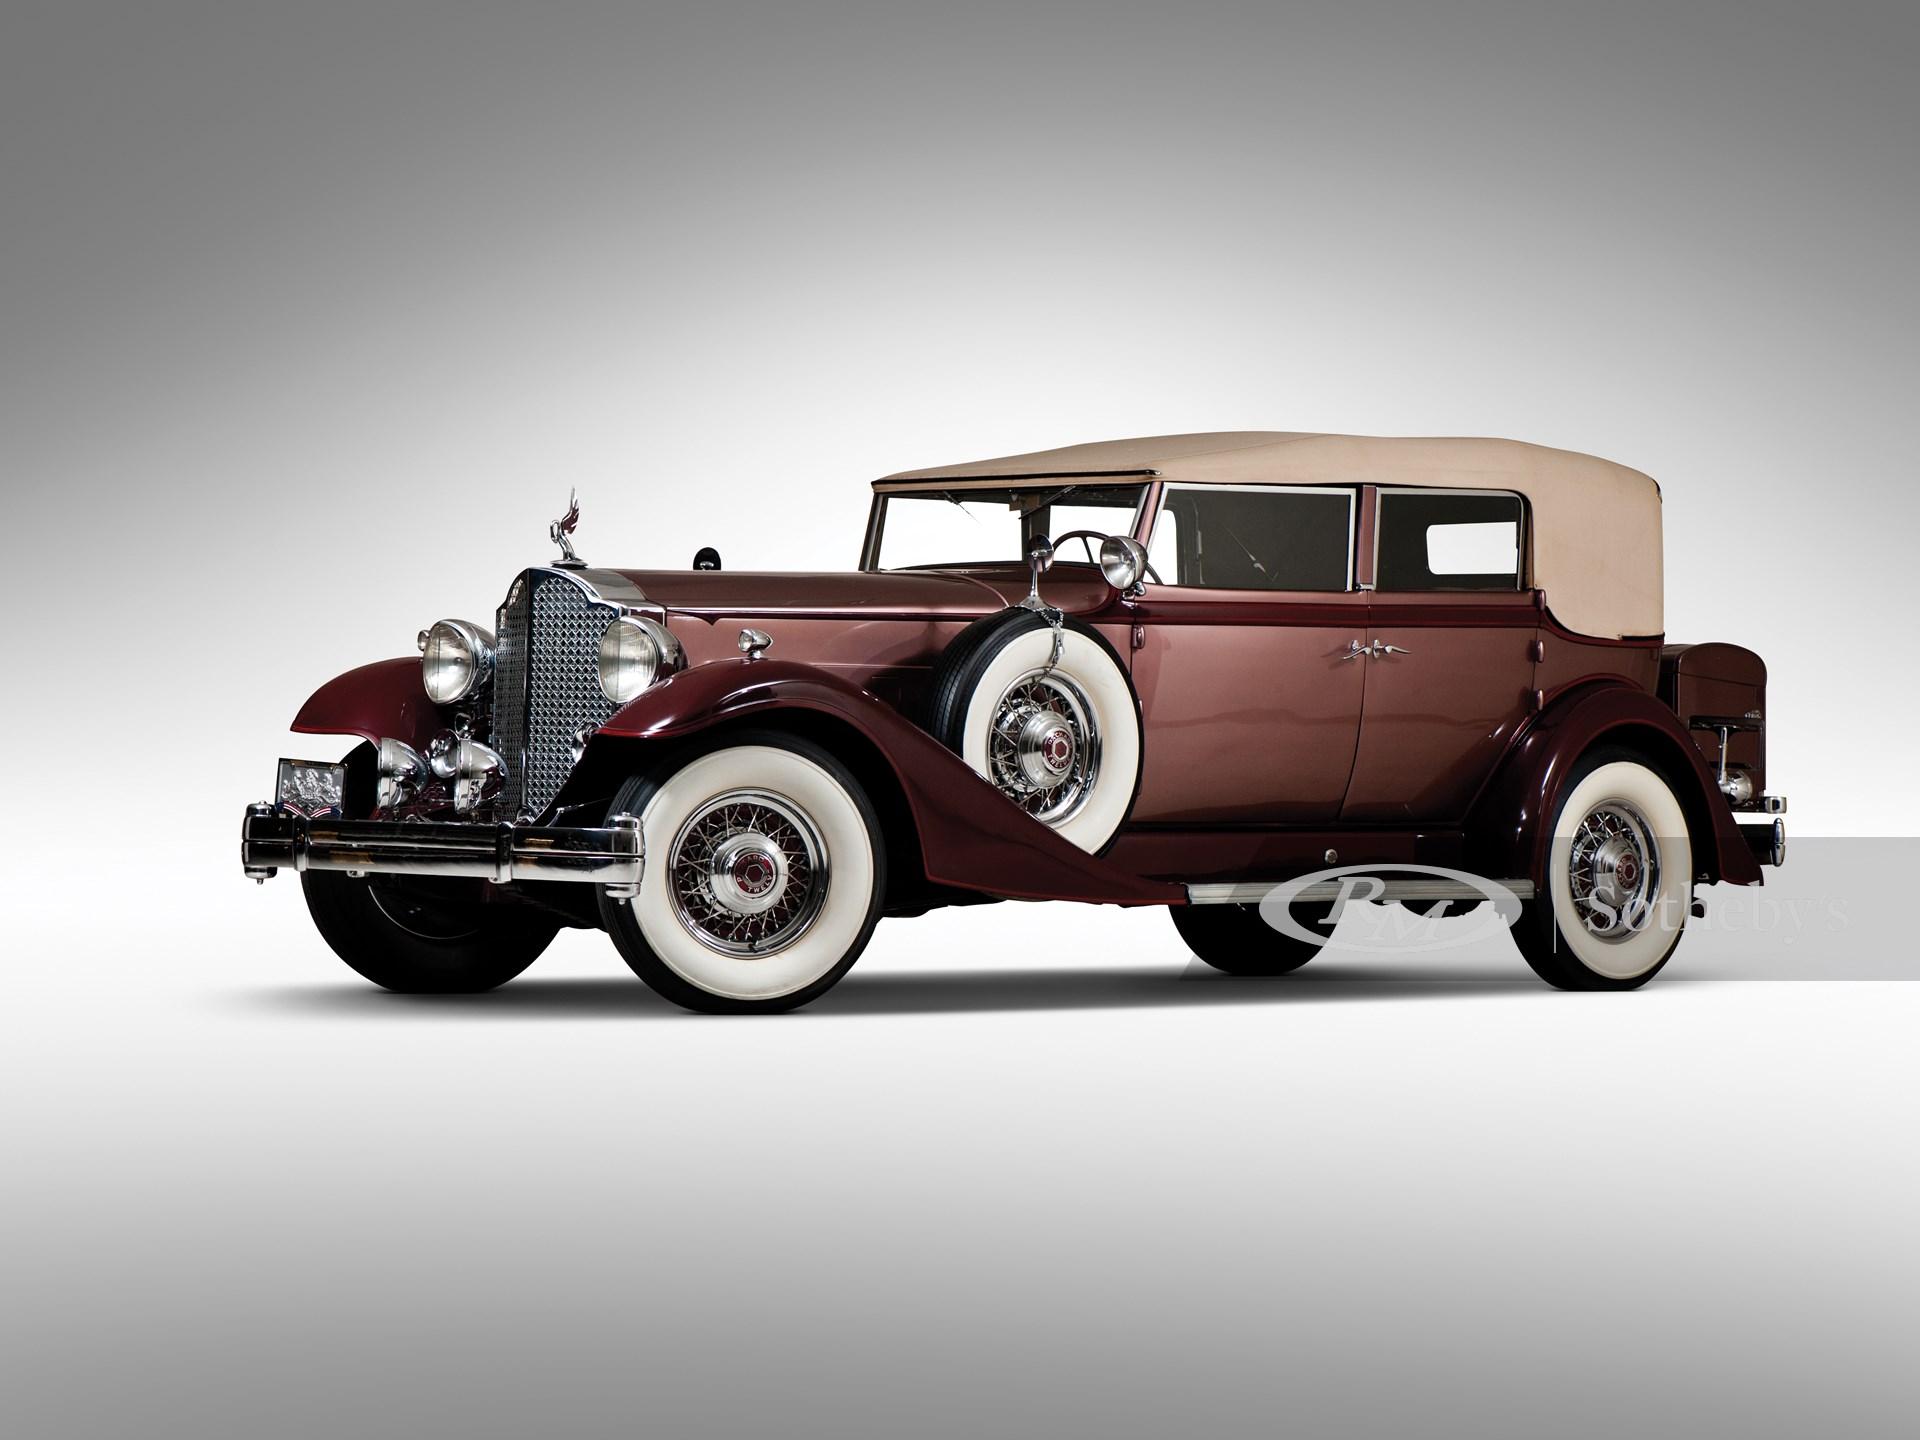 1933 Packard Twelve Convertible Sedan